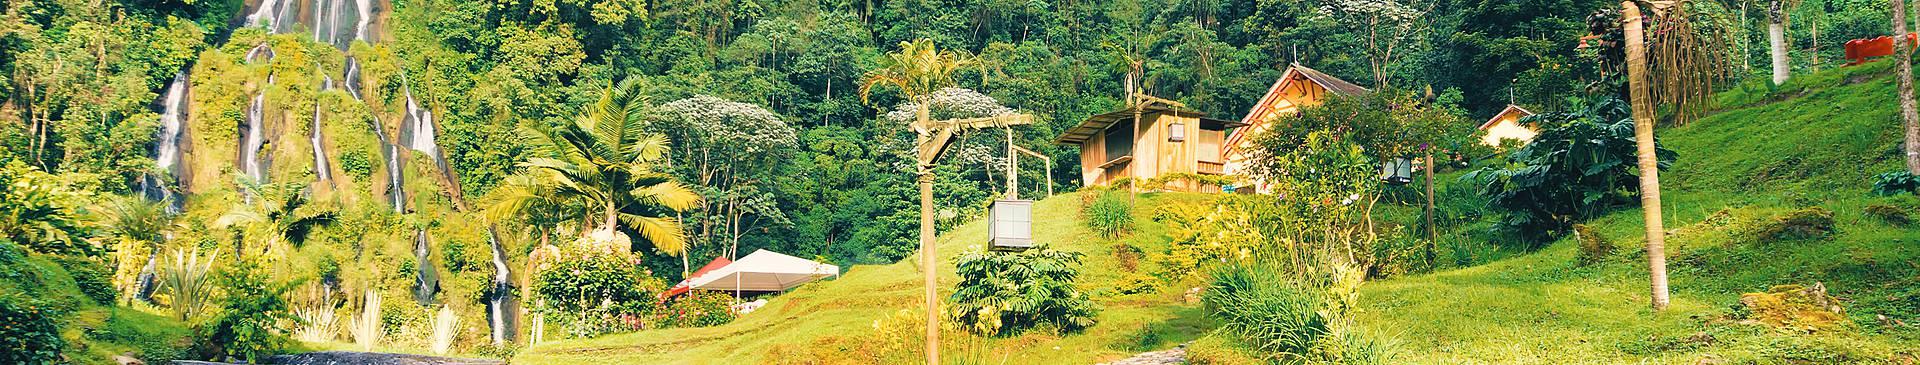 Naturreisen Kolumbien